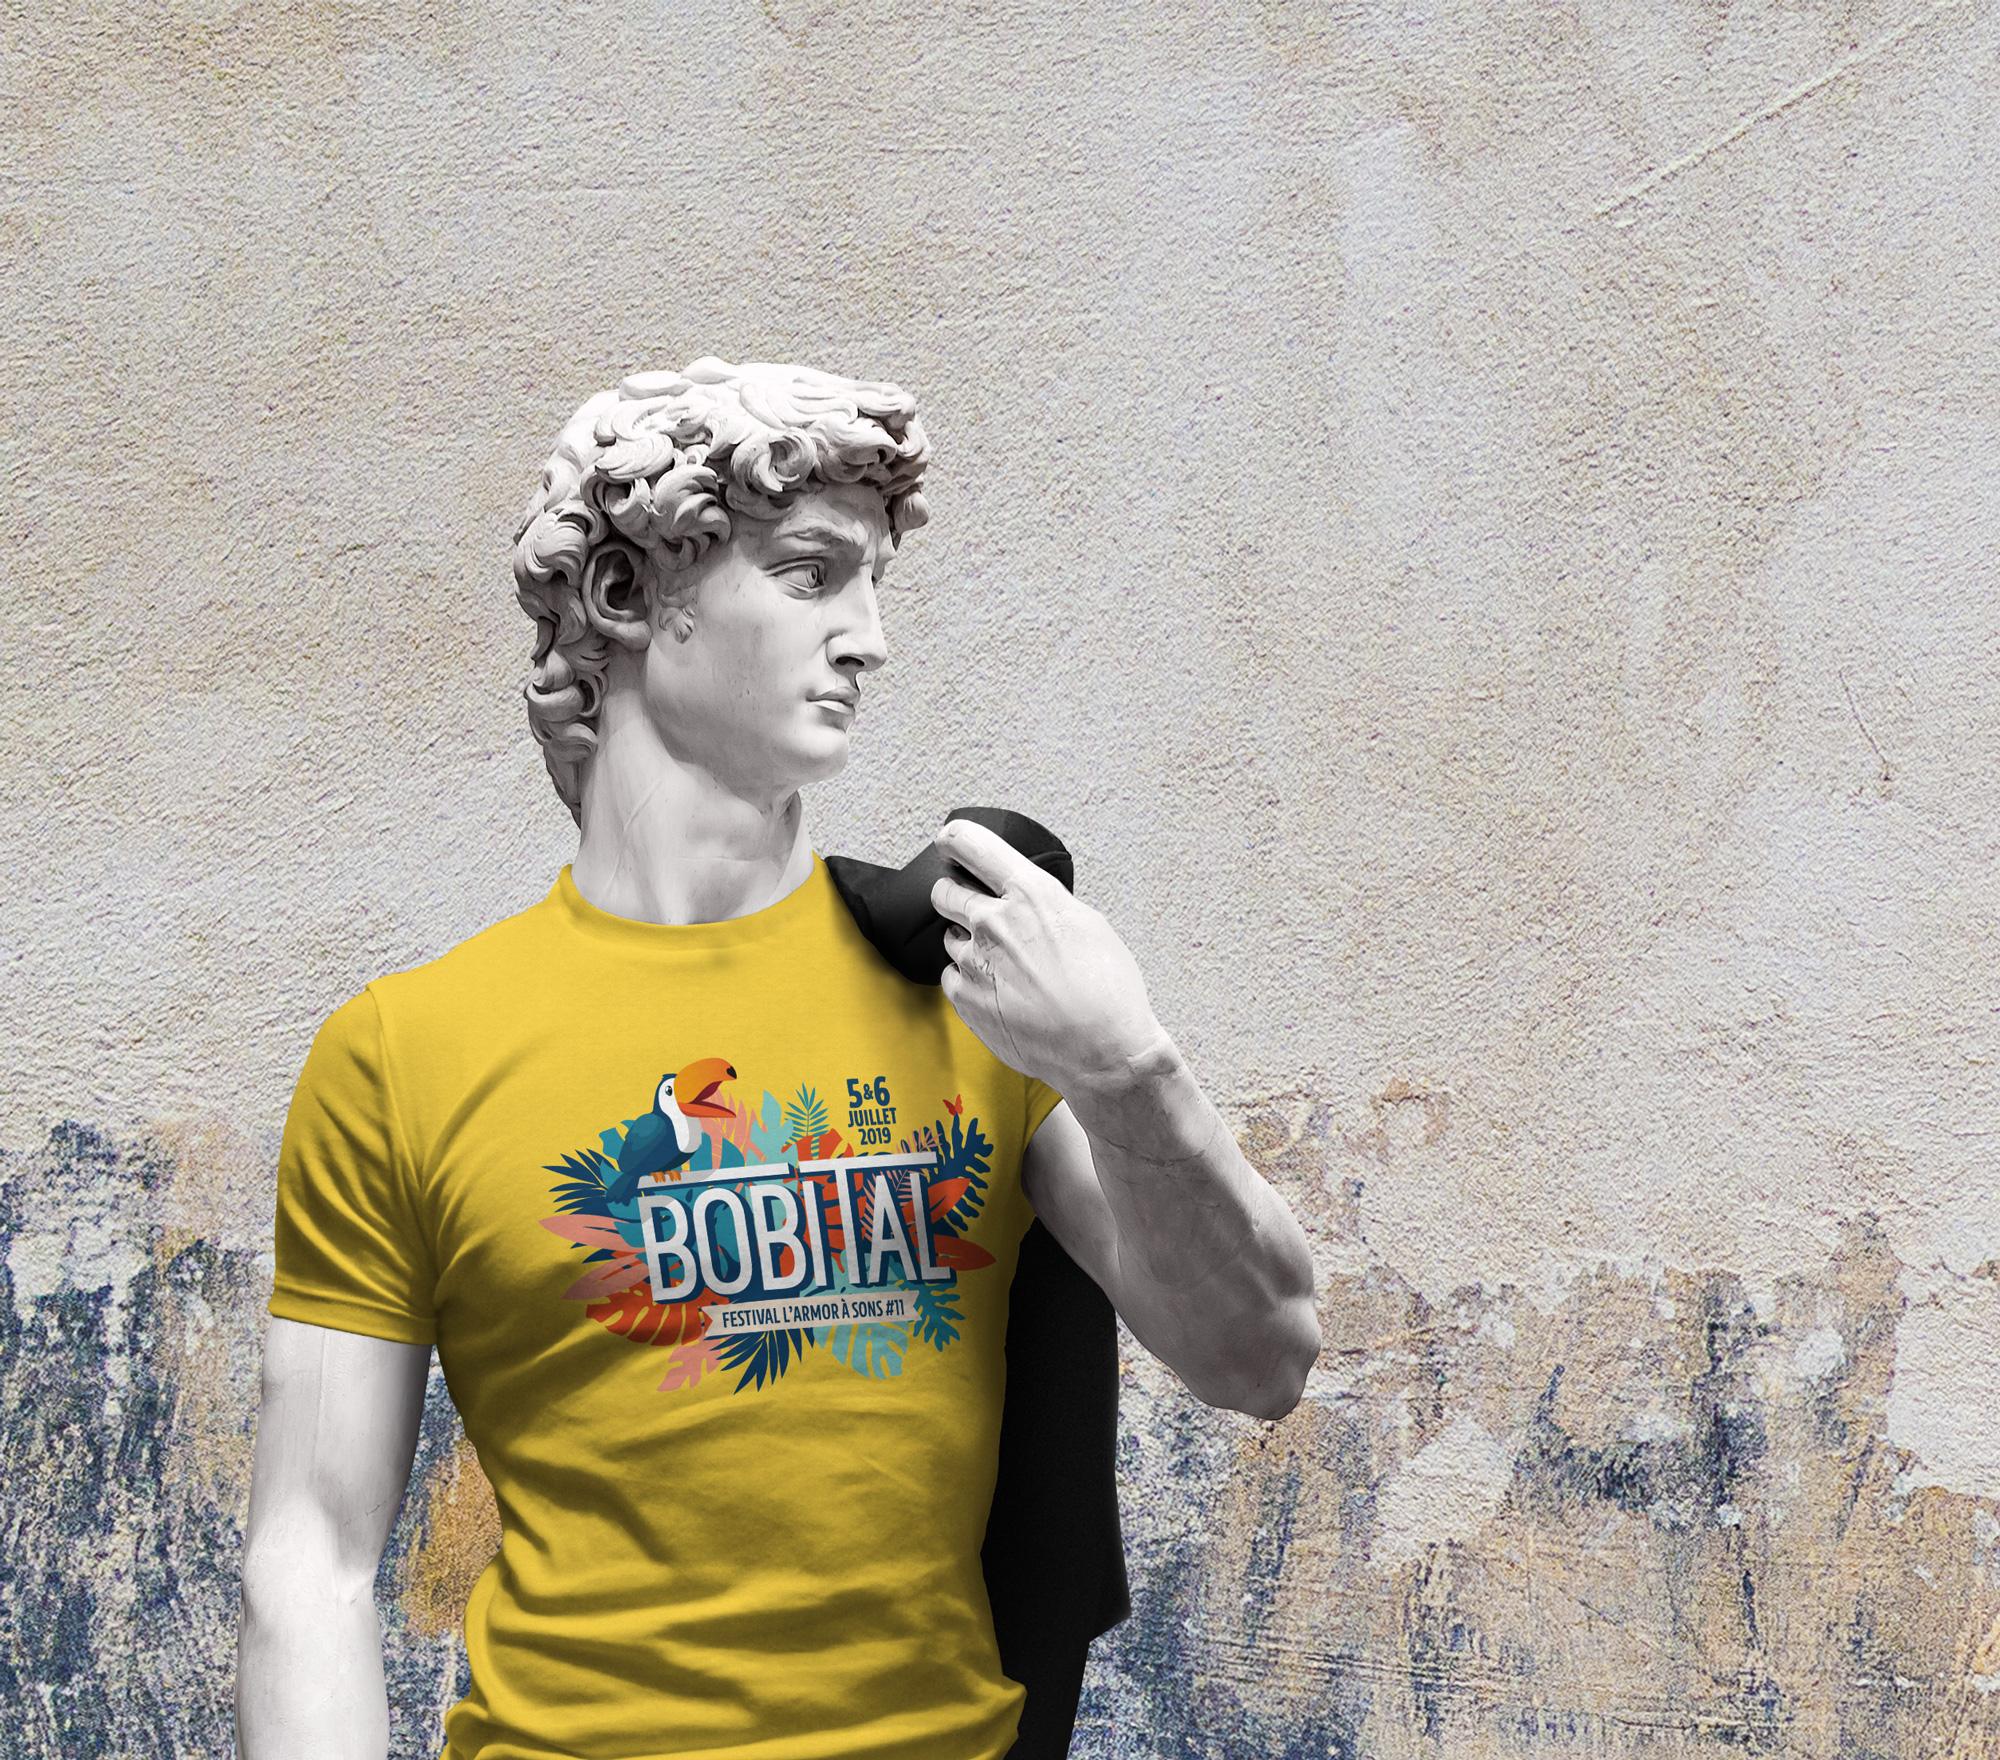 Exemple de déclinaison merchandising sur un t-shirt. Au total plus de 5 créations entre les t-shirts festivaliers et les t-shirts bénévoles